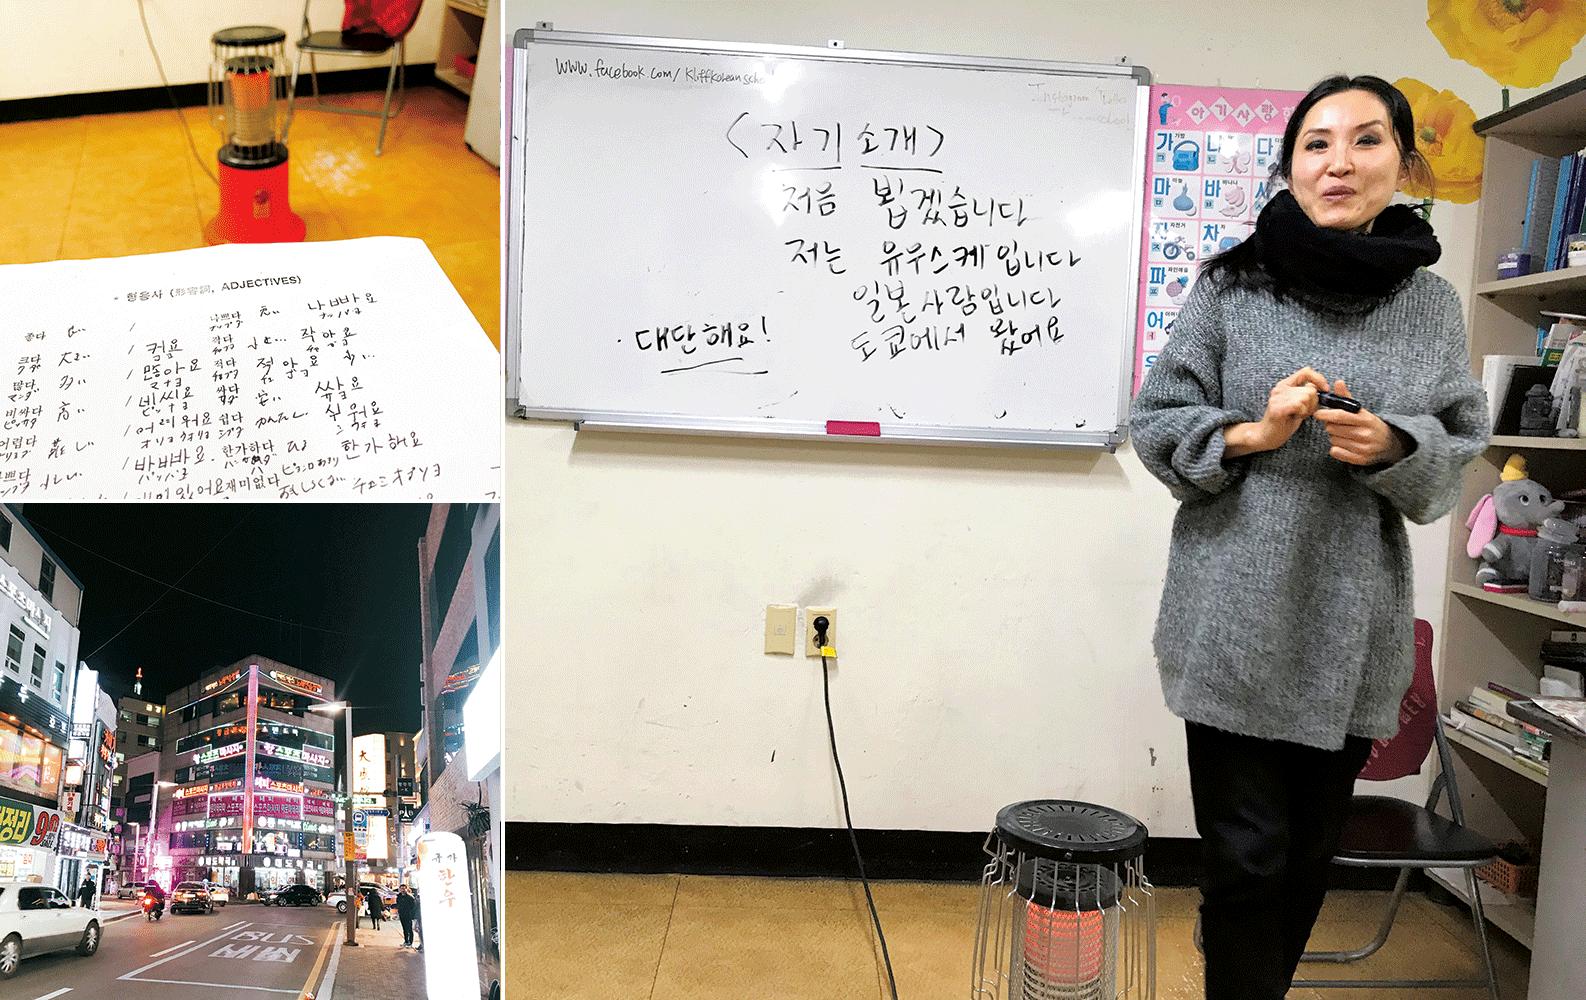 右・左上/朝からテンションの高い韓国人の先生。ノートを取るひまもないほど、怒濤の韓国語の質問が続く。左下/温泉場駅付近の繁華街。日本の温泉街とはまた違った雰囲気。